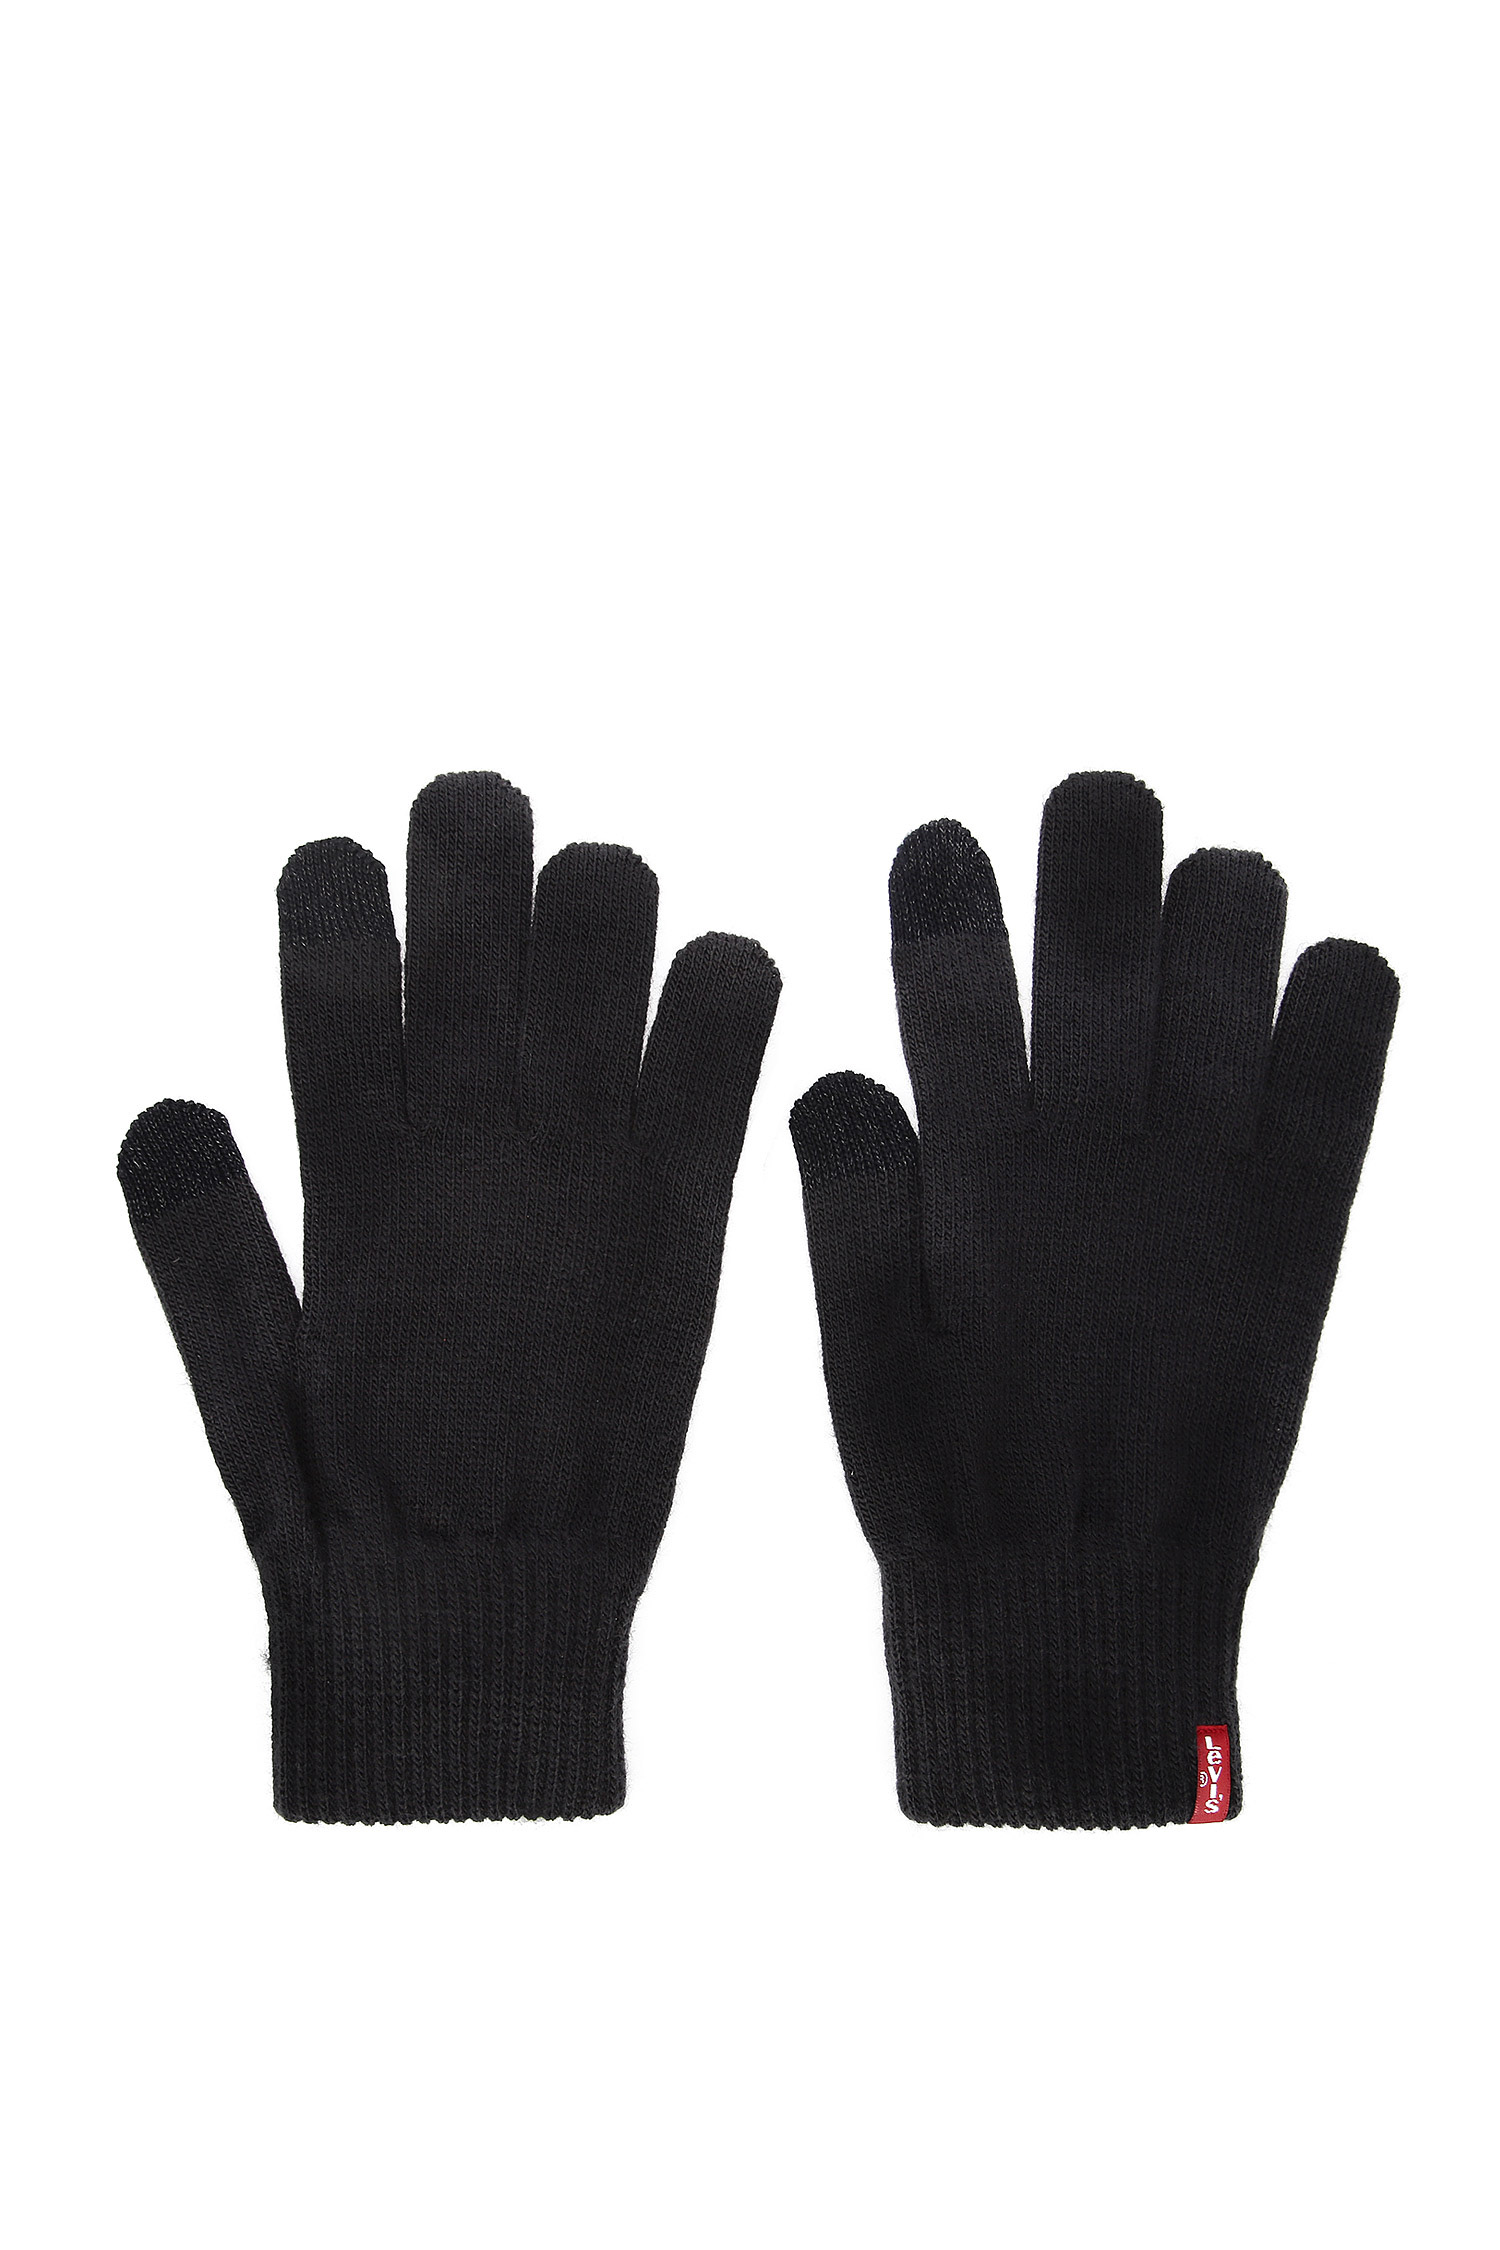 Мужские синие перчатки Levi's 222283;11.17